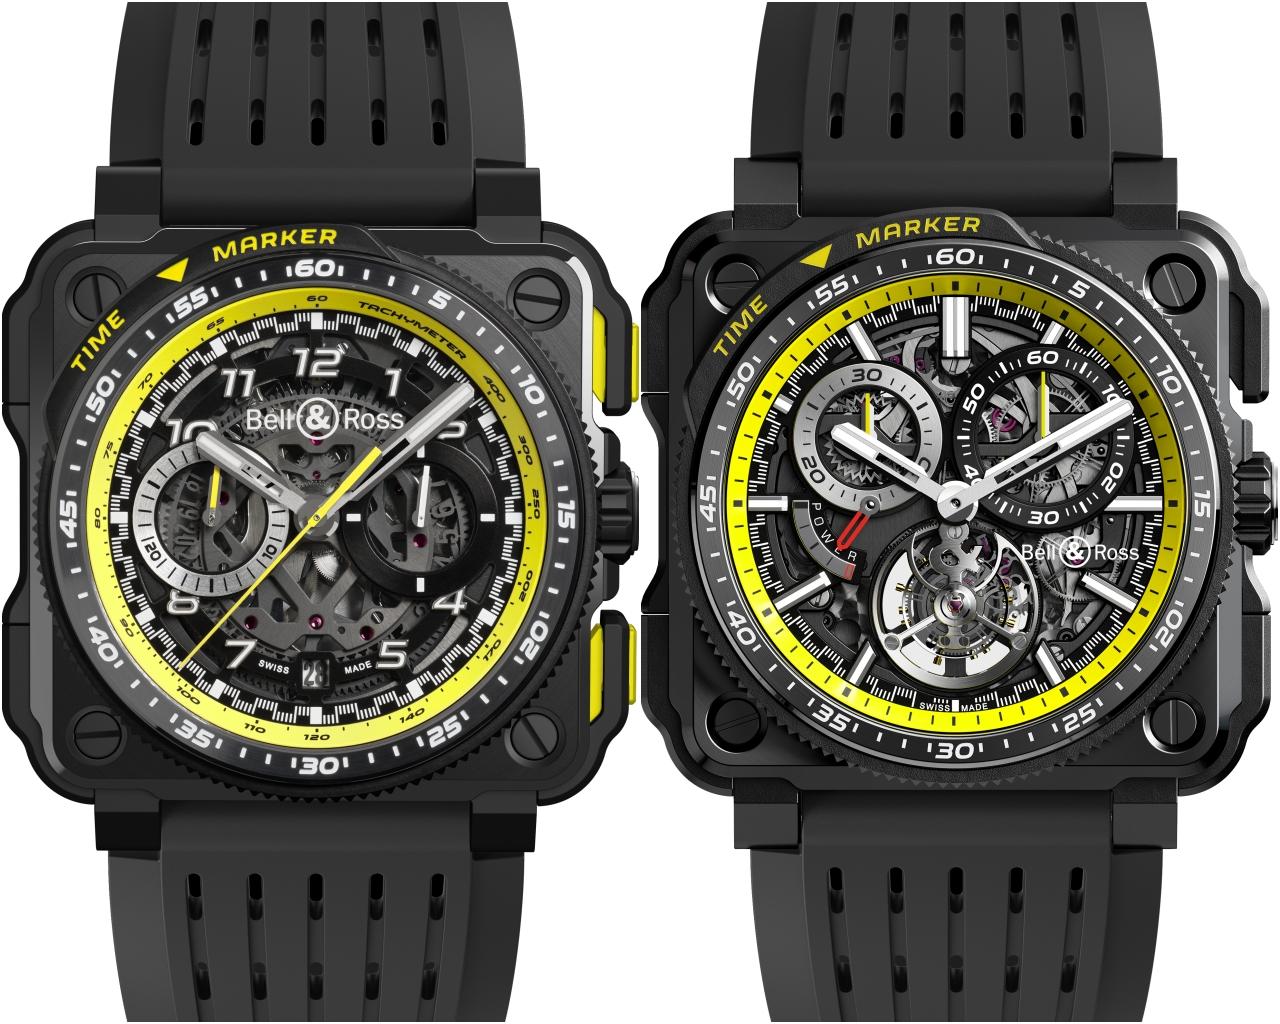 WATCH THIS|法式腕錶與一級方程式的羈絆